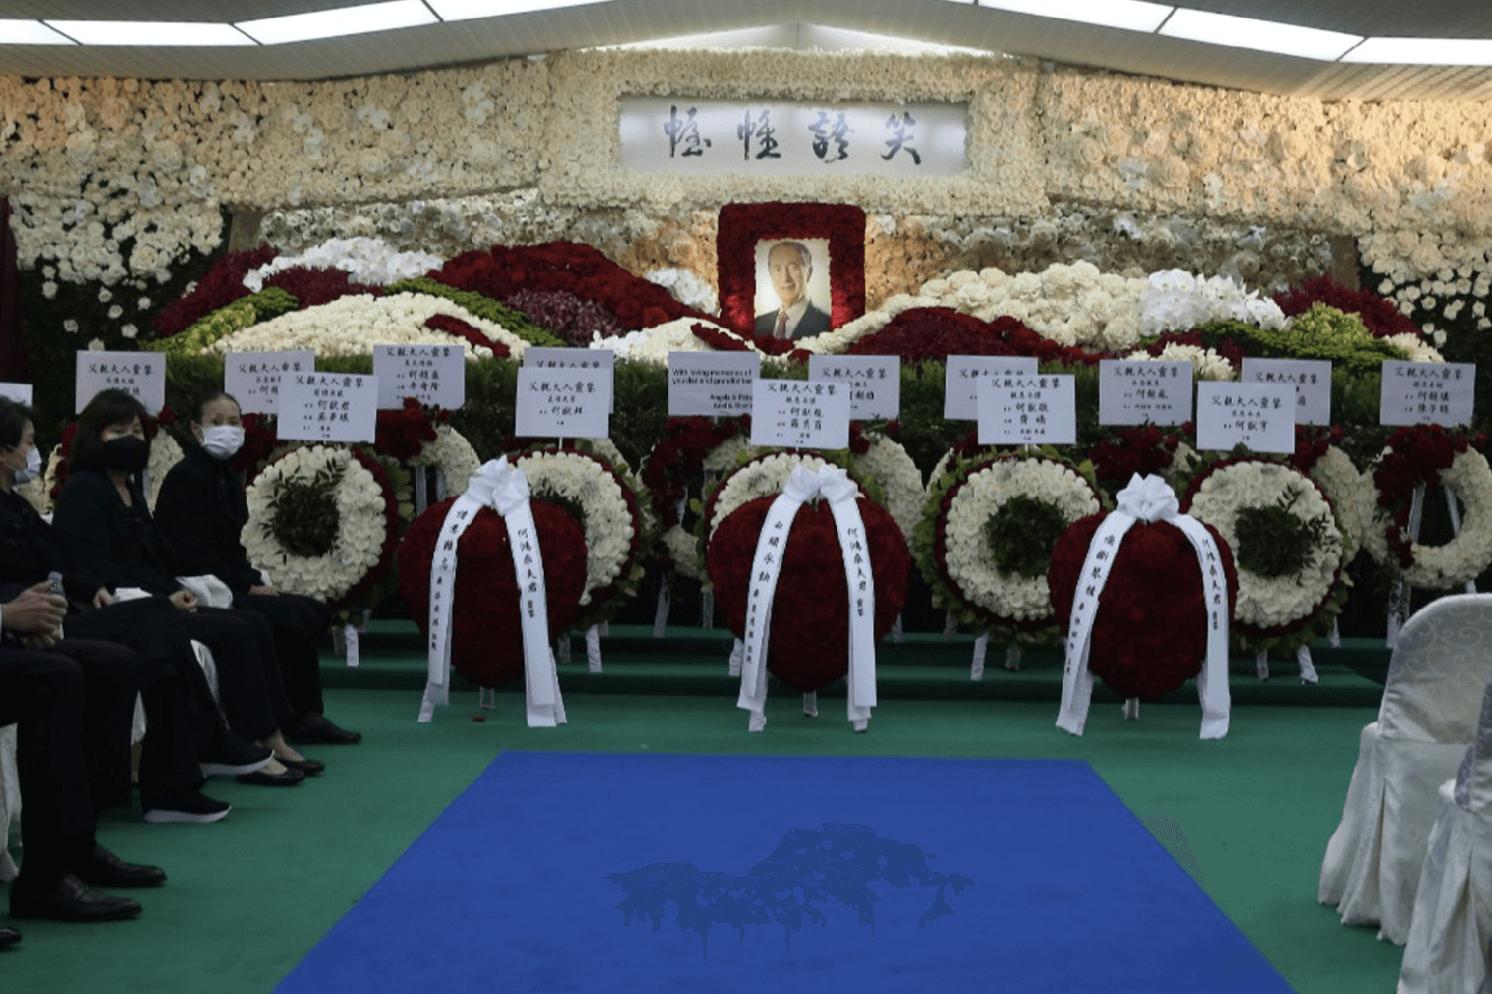 靈堂正中前擺放何鴻燊博士家人送上的花圈,以表對何博士的不捨之情。